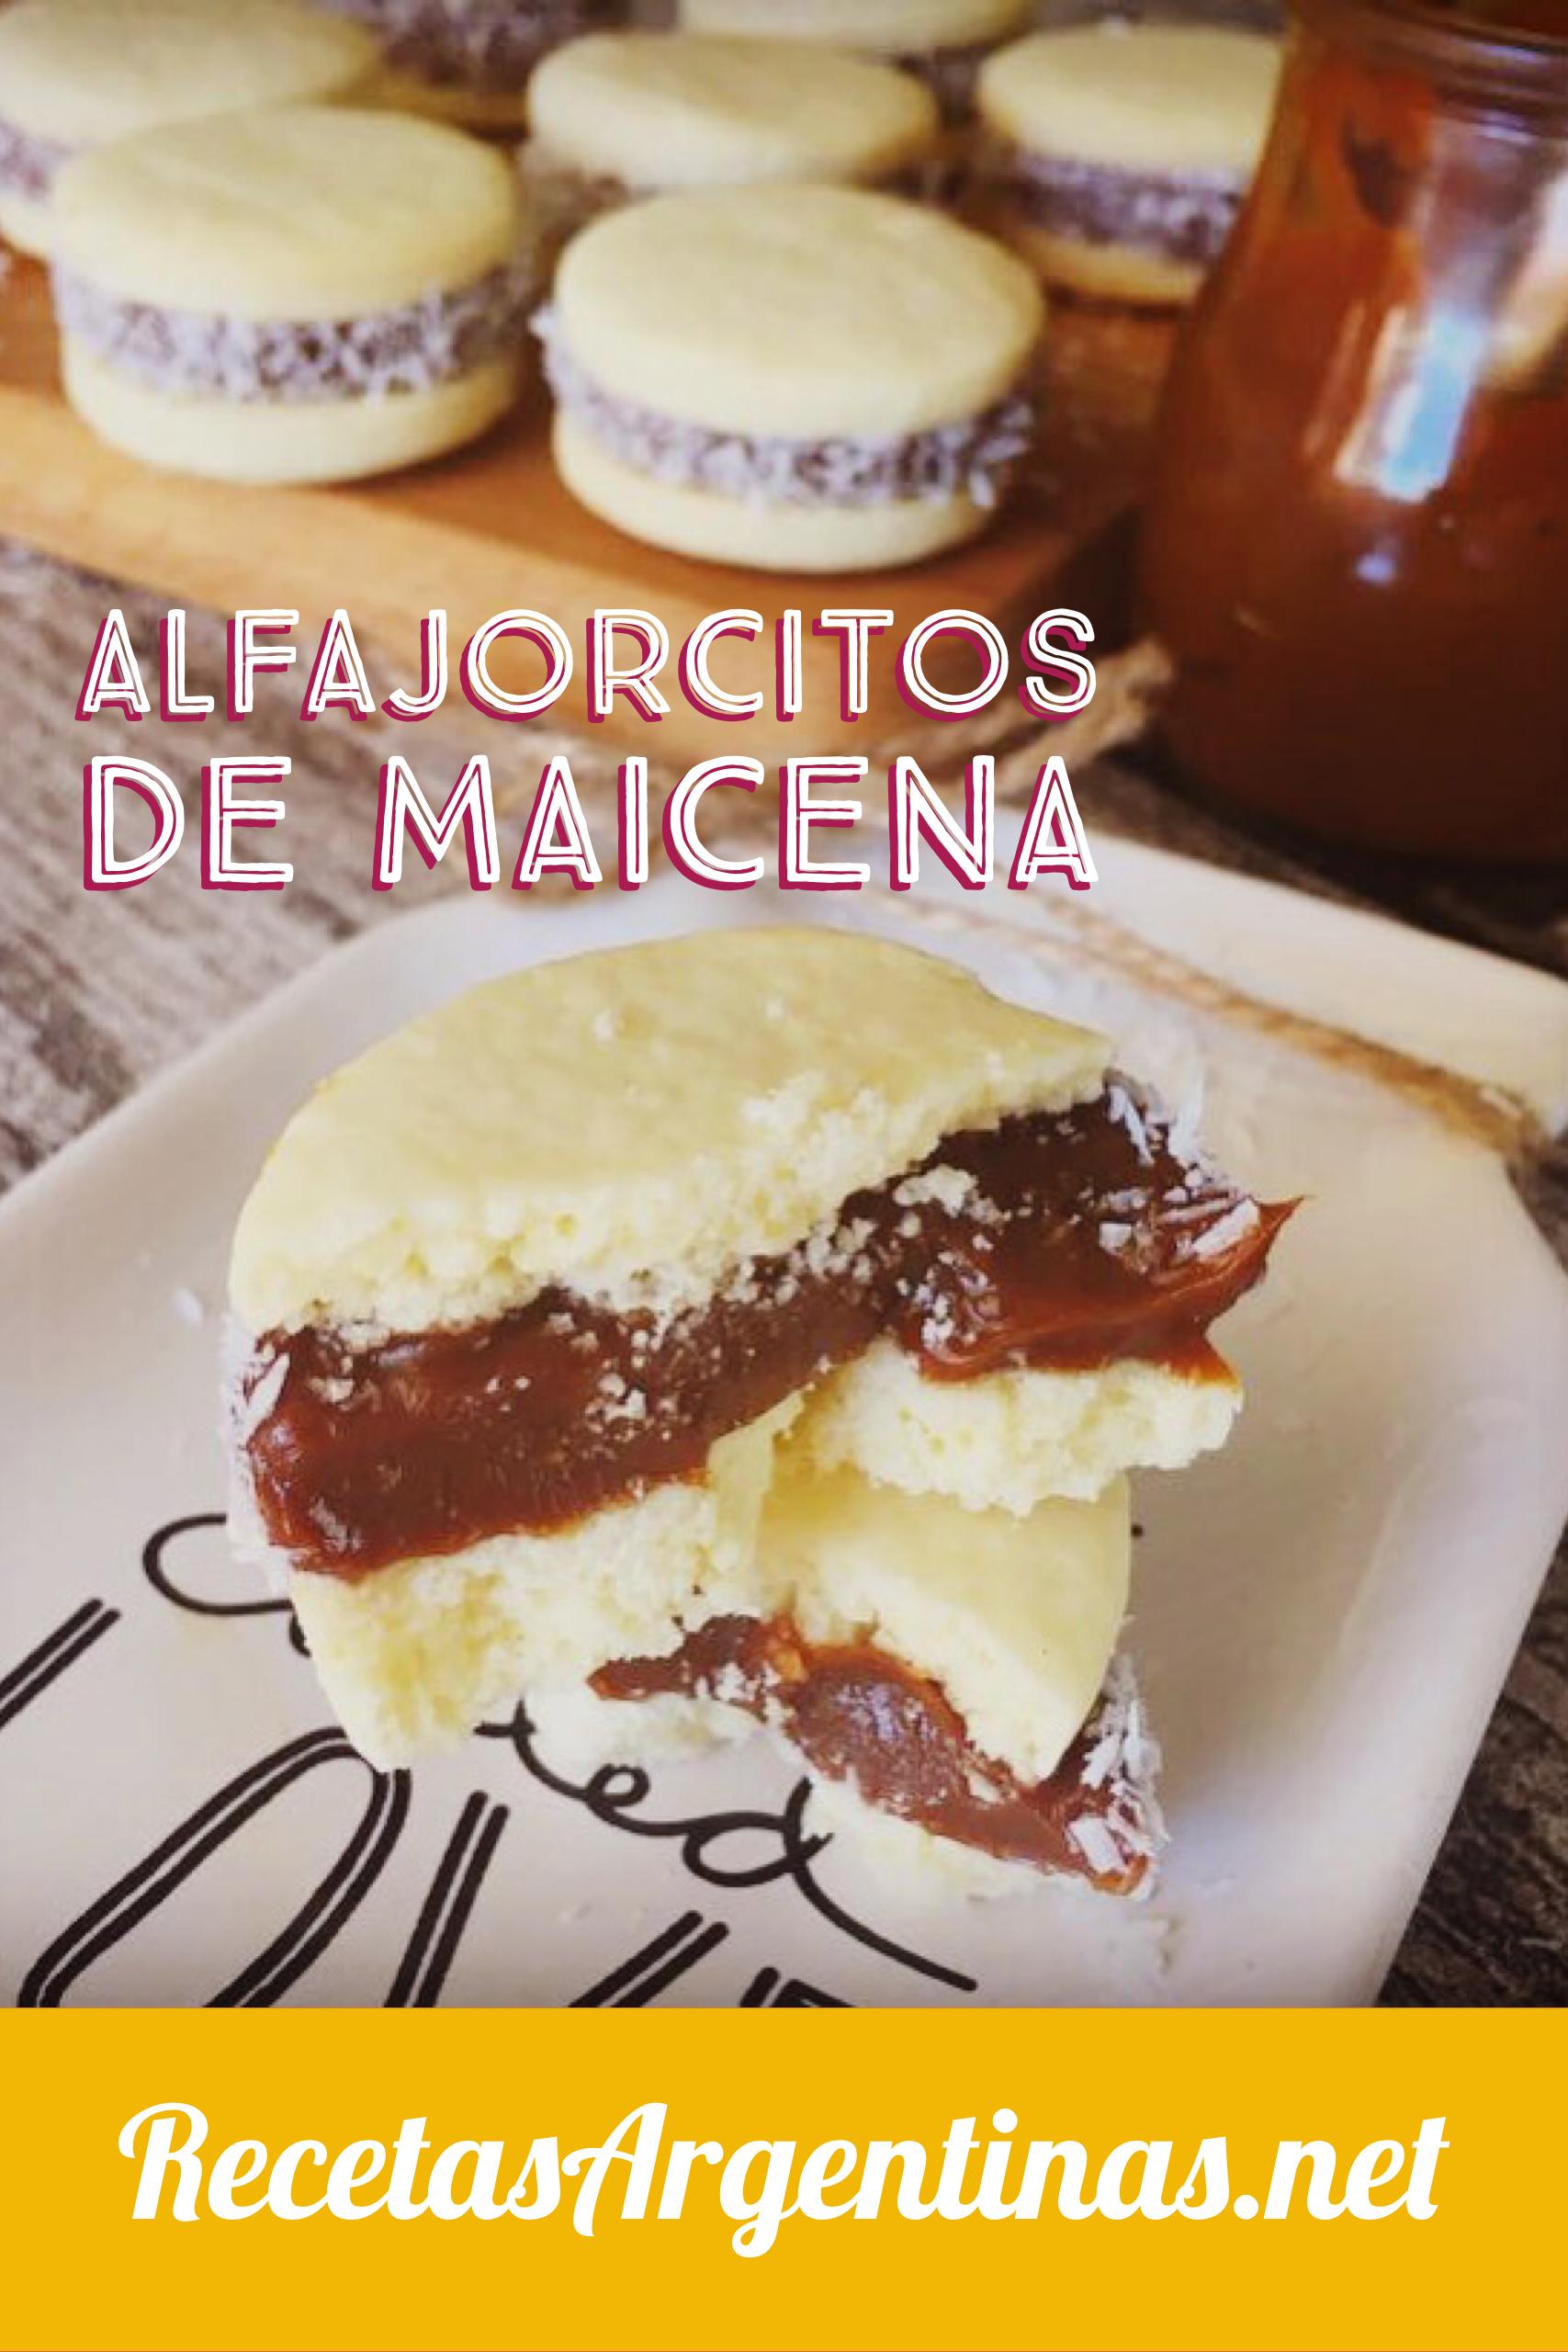 Alfajores De Maicena Recetas Xa Hacer Pinterest Recetas